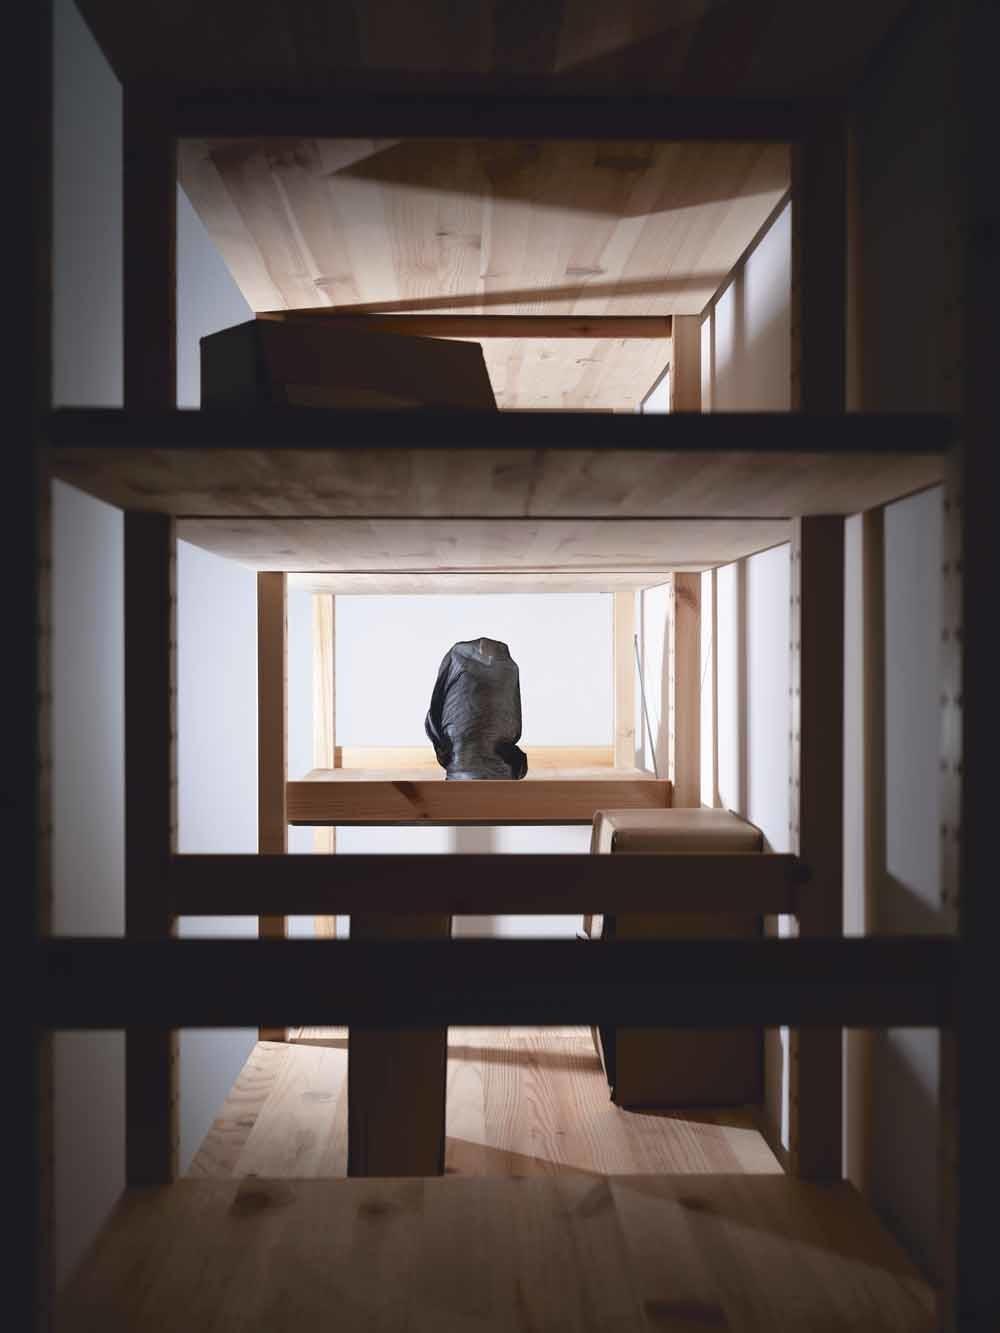 De stillevens in het project Polite Fictions zijn eenfotografische interpretatie van wat Suzanne Schols denkt dat er ligt opgeslagen in de ministeries. © Suzanne Schols